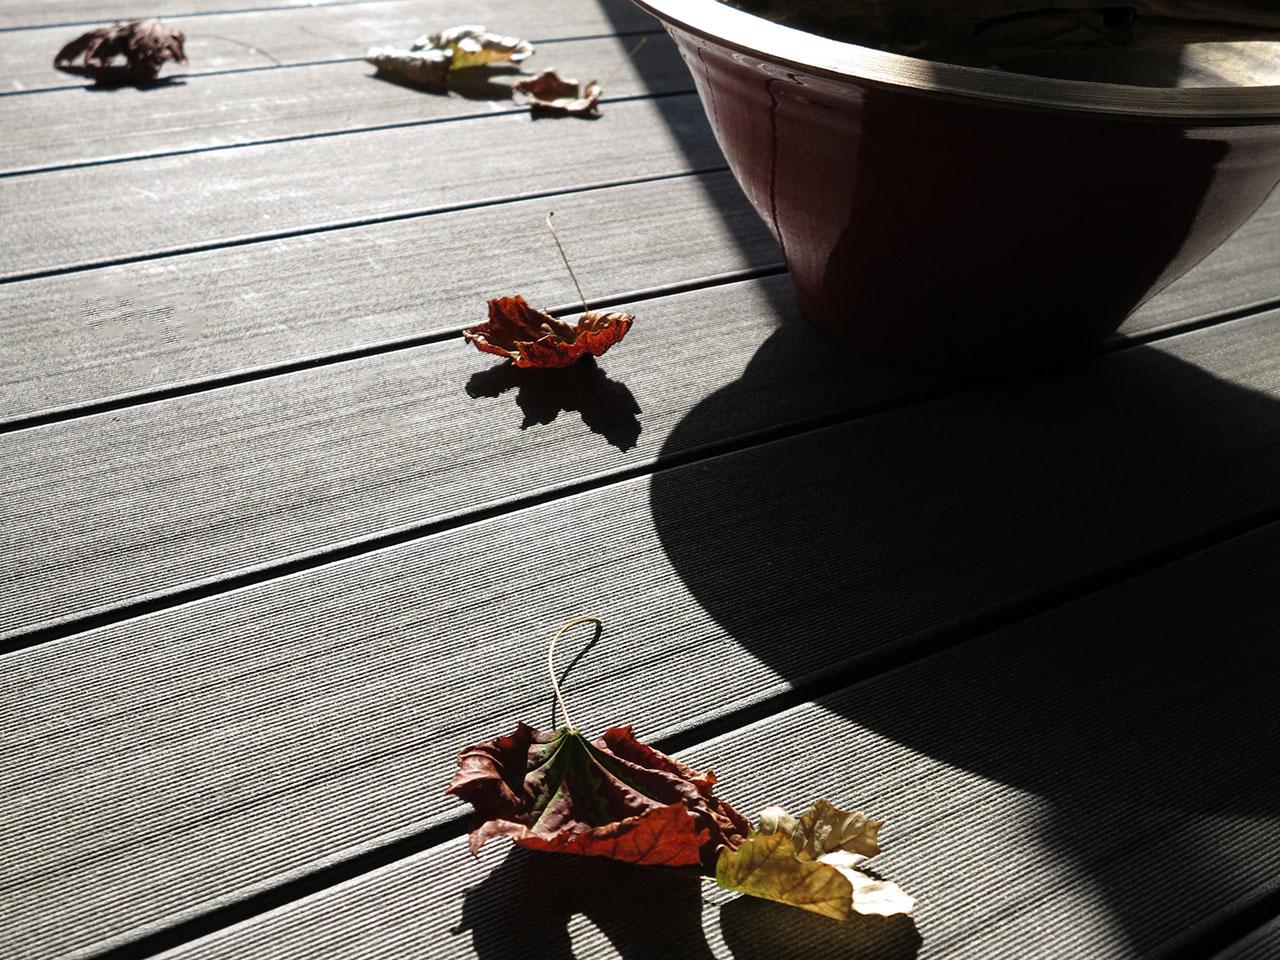 Wetterfeste WPC Balkondielen in anthrazit mit Herbstlaub auf den Dielen liegend